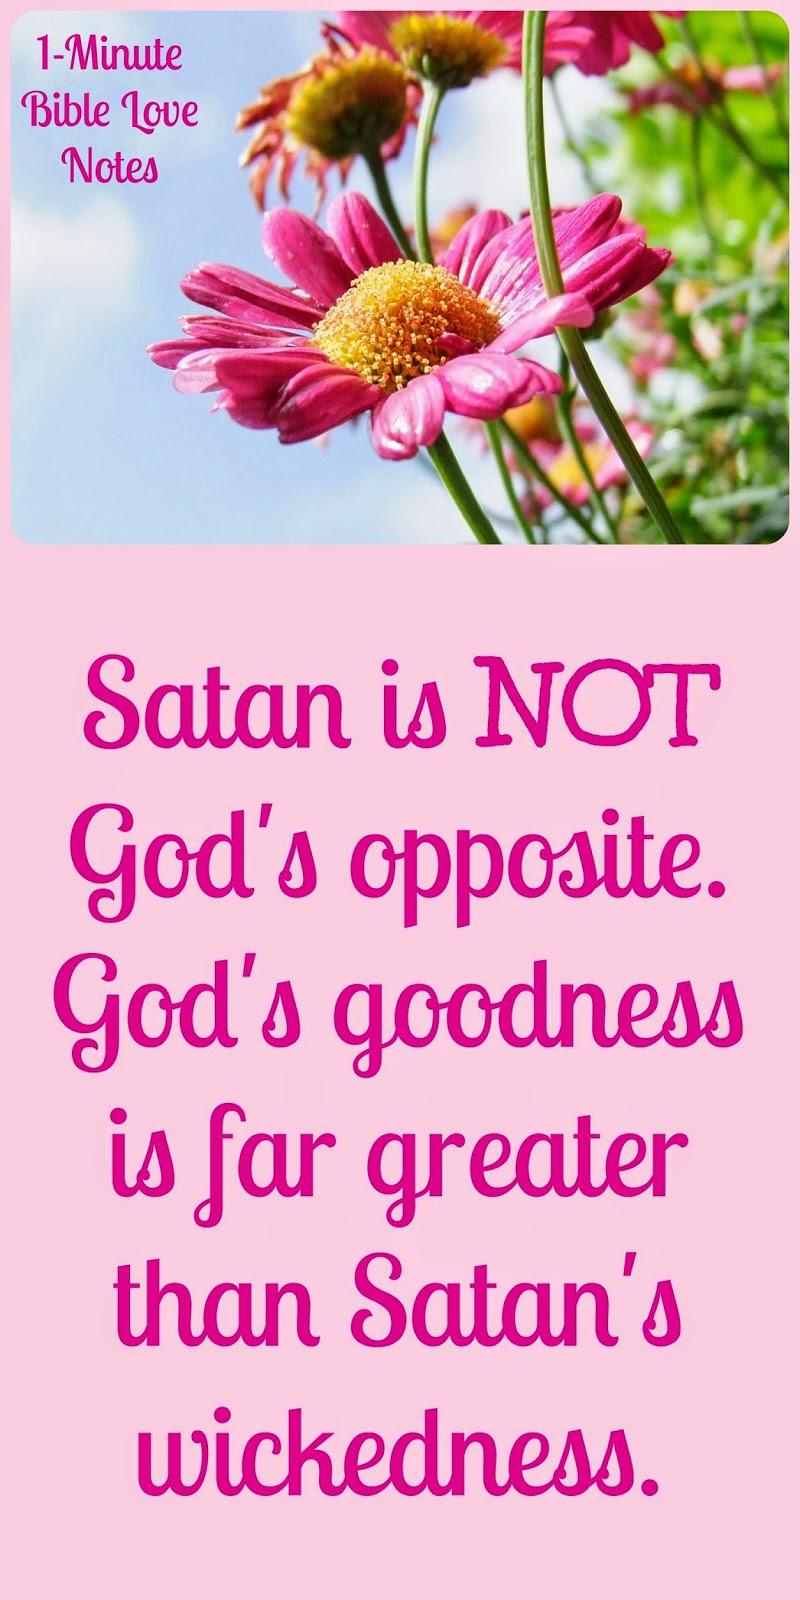 Satan is not God's opposite, God is far greater than Satan, God's goodness is far greater than Satan's wickedness